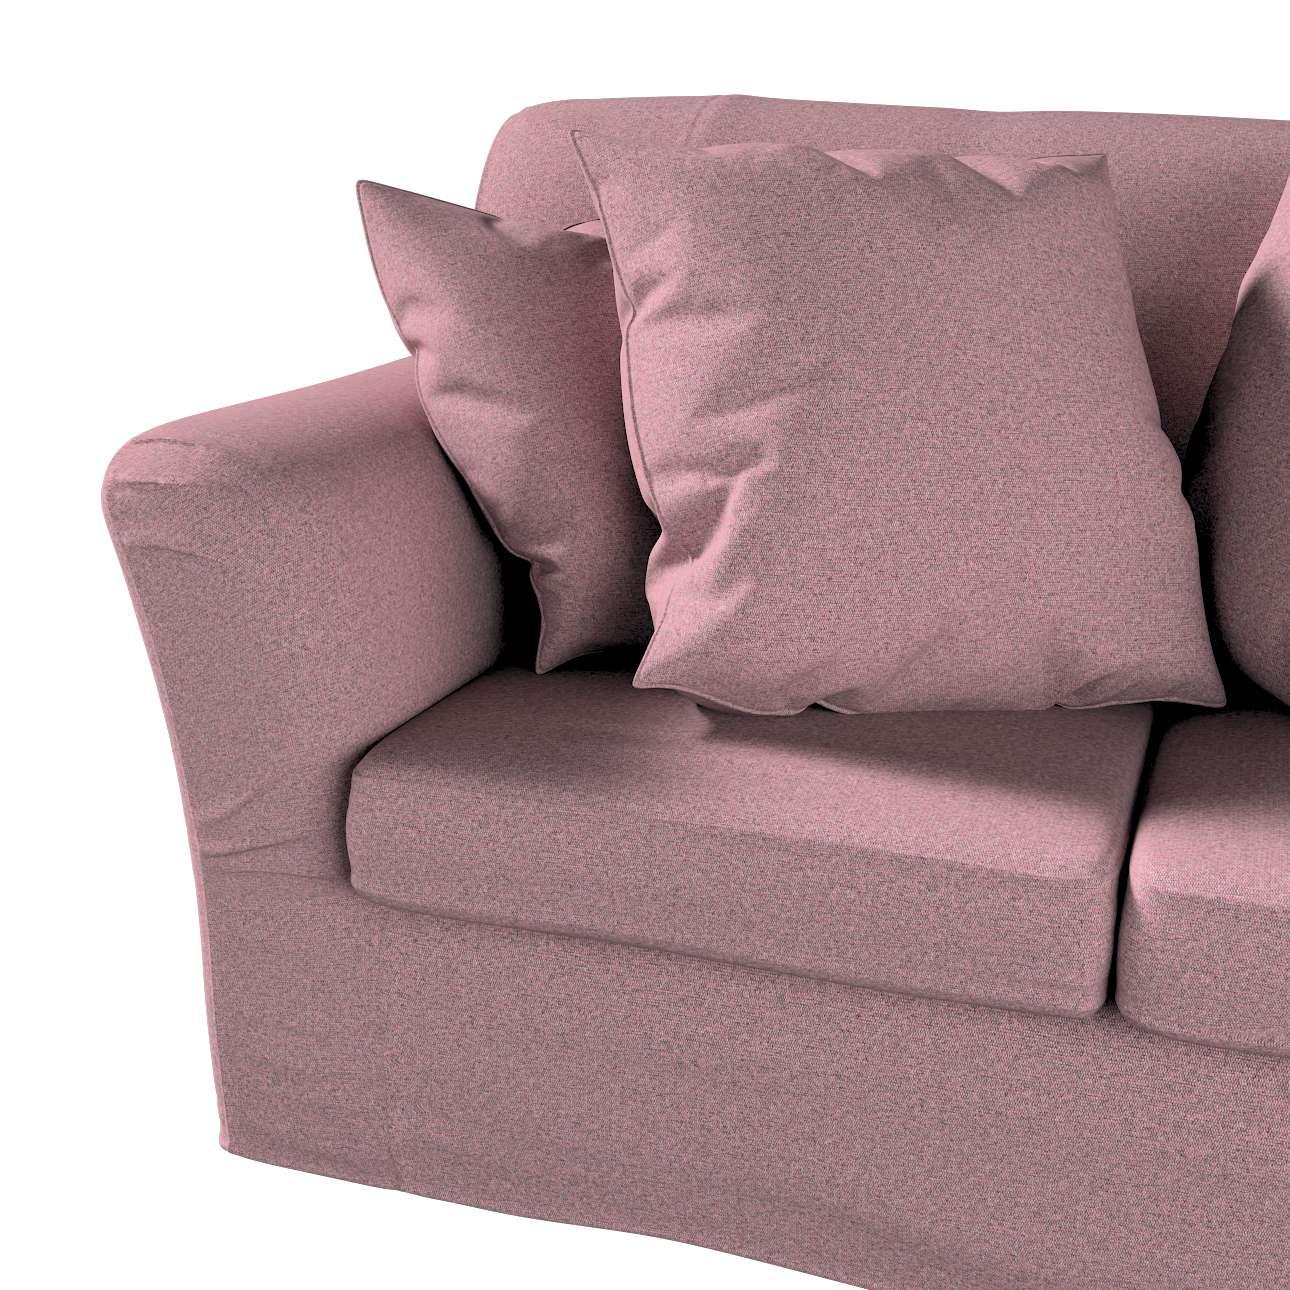 Pokrowiec na sofę Tomelilla 2-osobową nierozkładaną w kolekcji Amsterdam, tkanina: 704-48